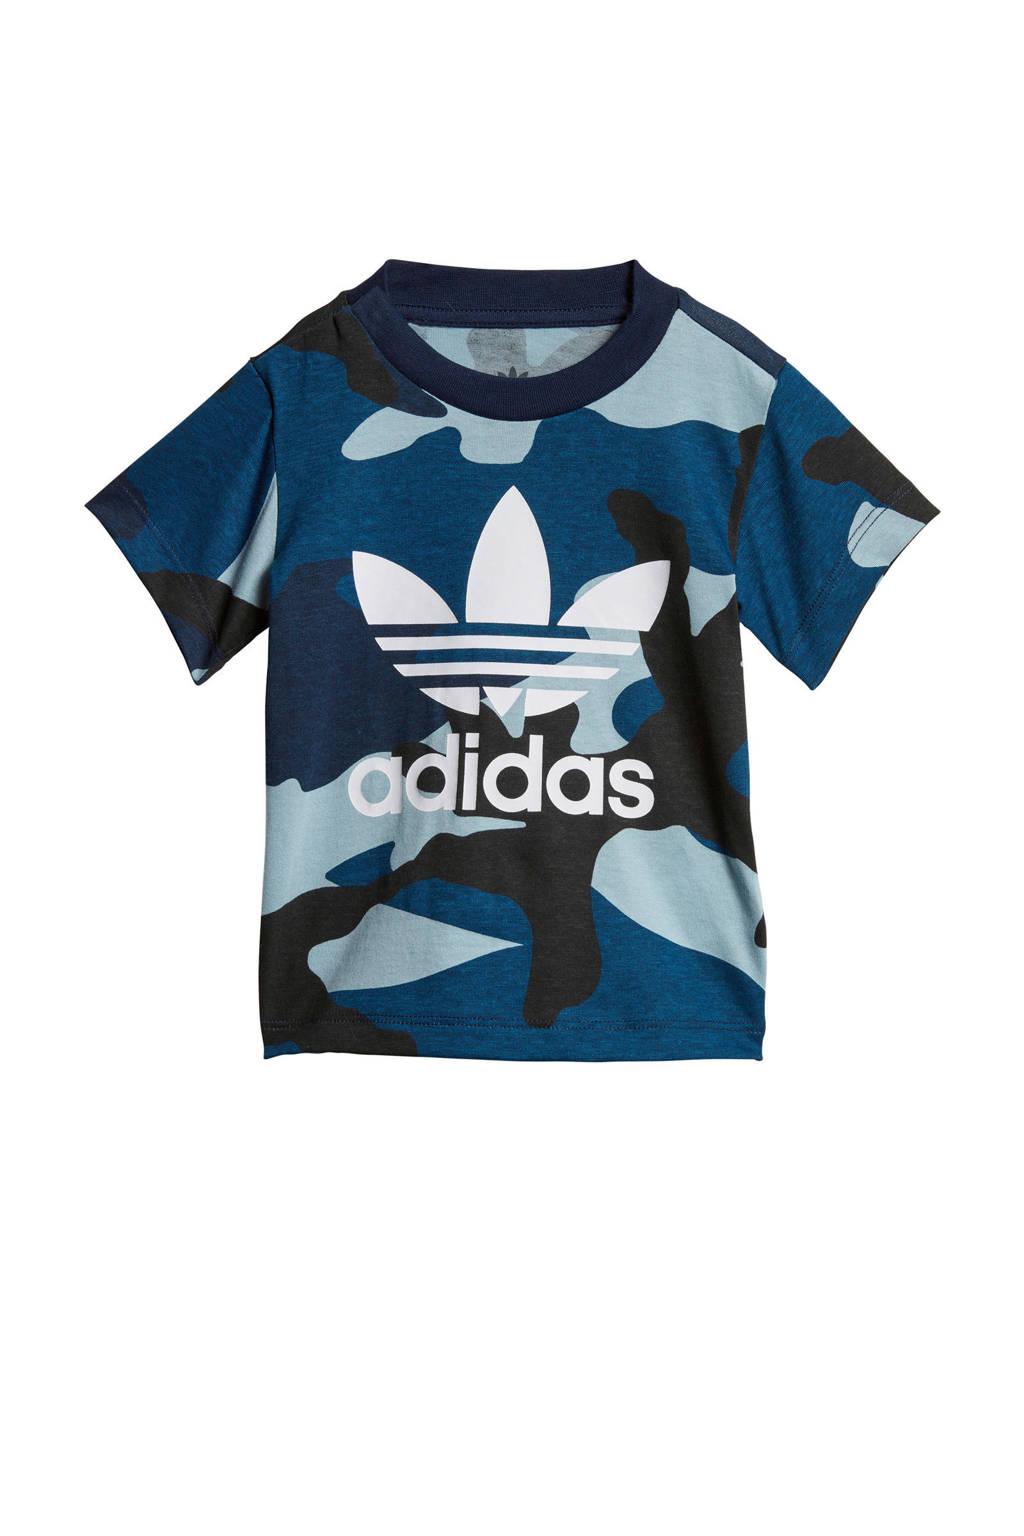 adidas originals   T-shirt camouflageprint blauw, Blauw/zwart